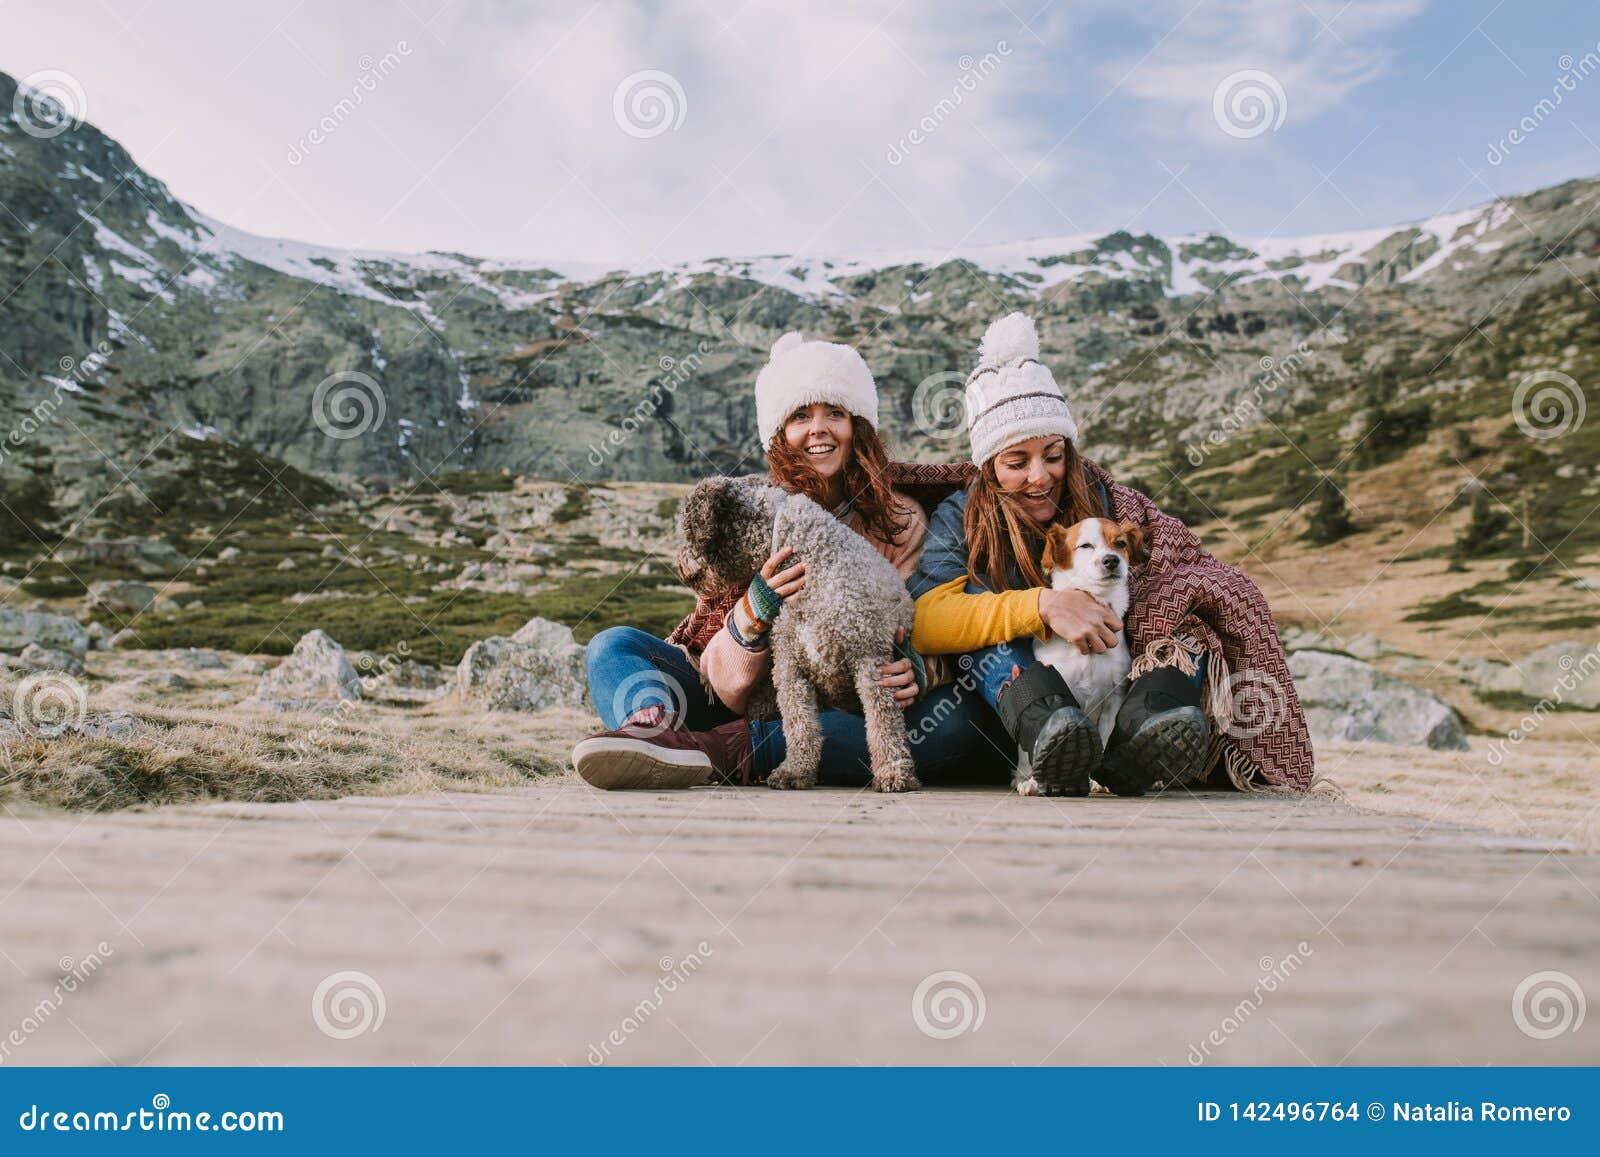 Due giovani donne giocano con i loro cani in mezzo al prato